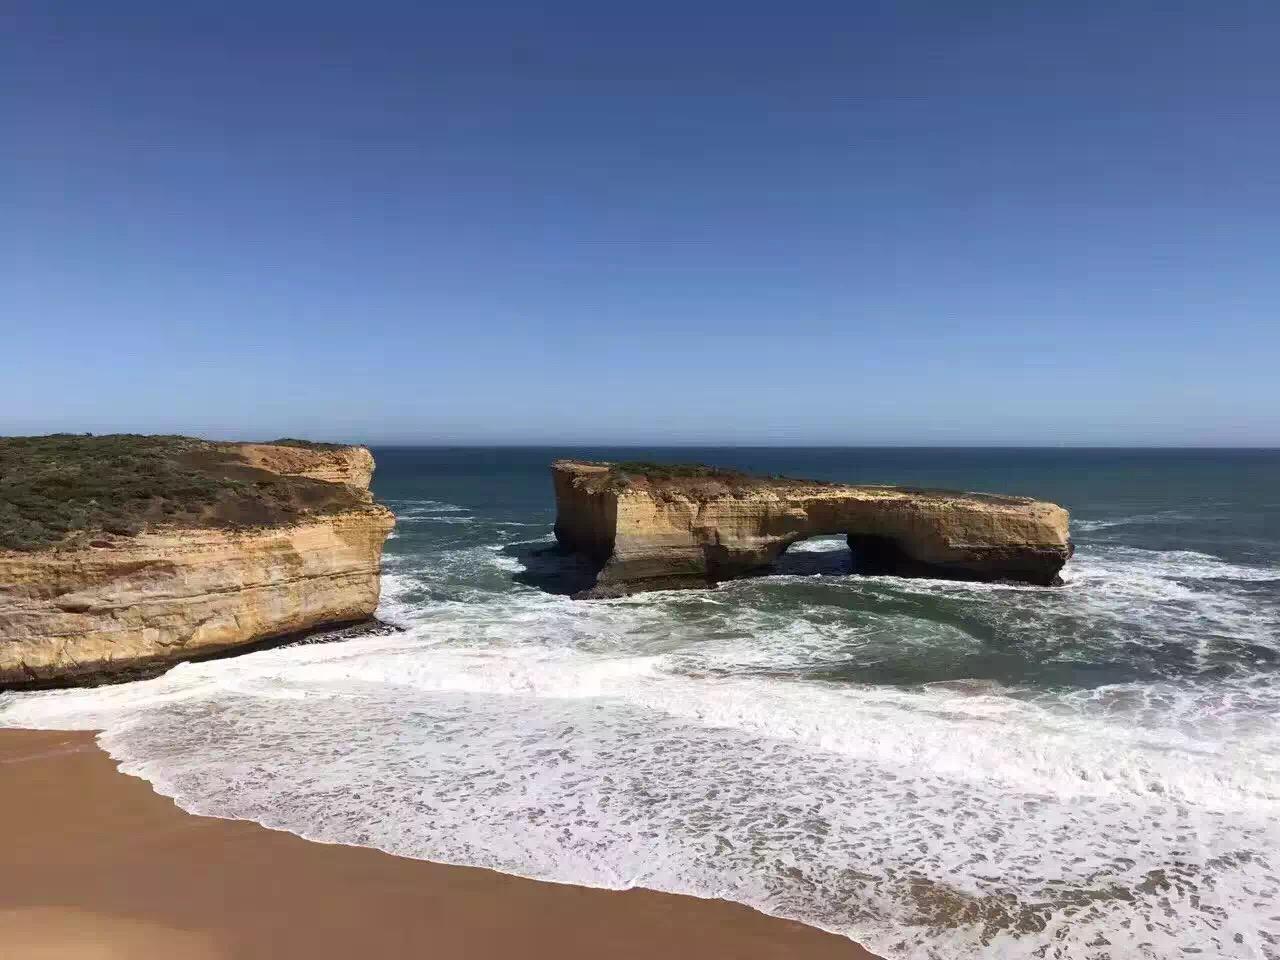 澳大利亚墨尔本 悉尼 黄金海岸 布里斯班 堪培拉 蓝山